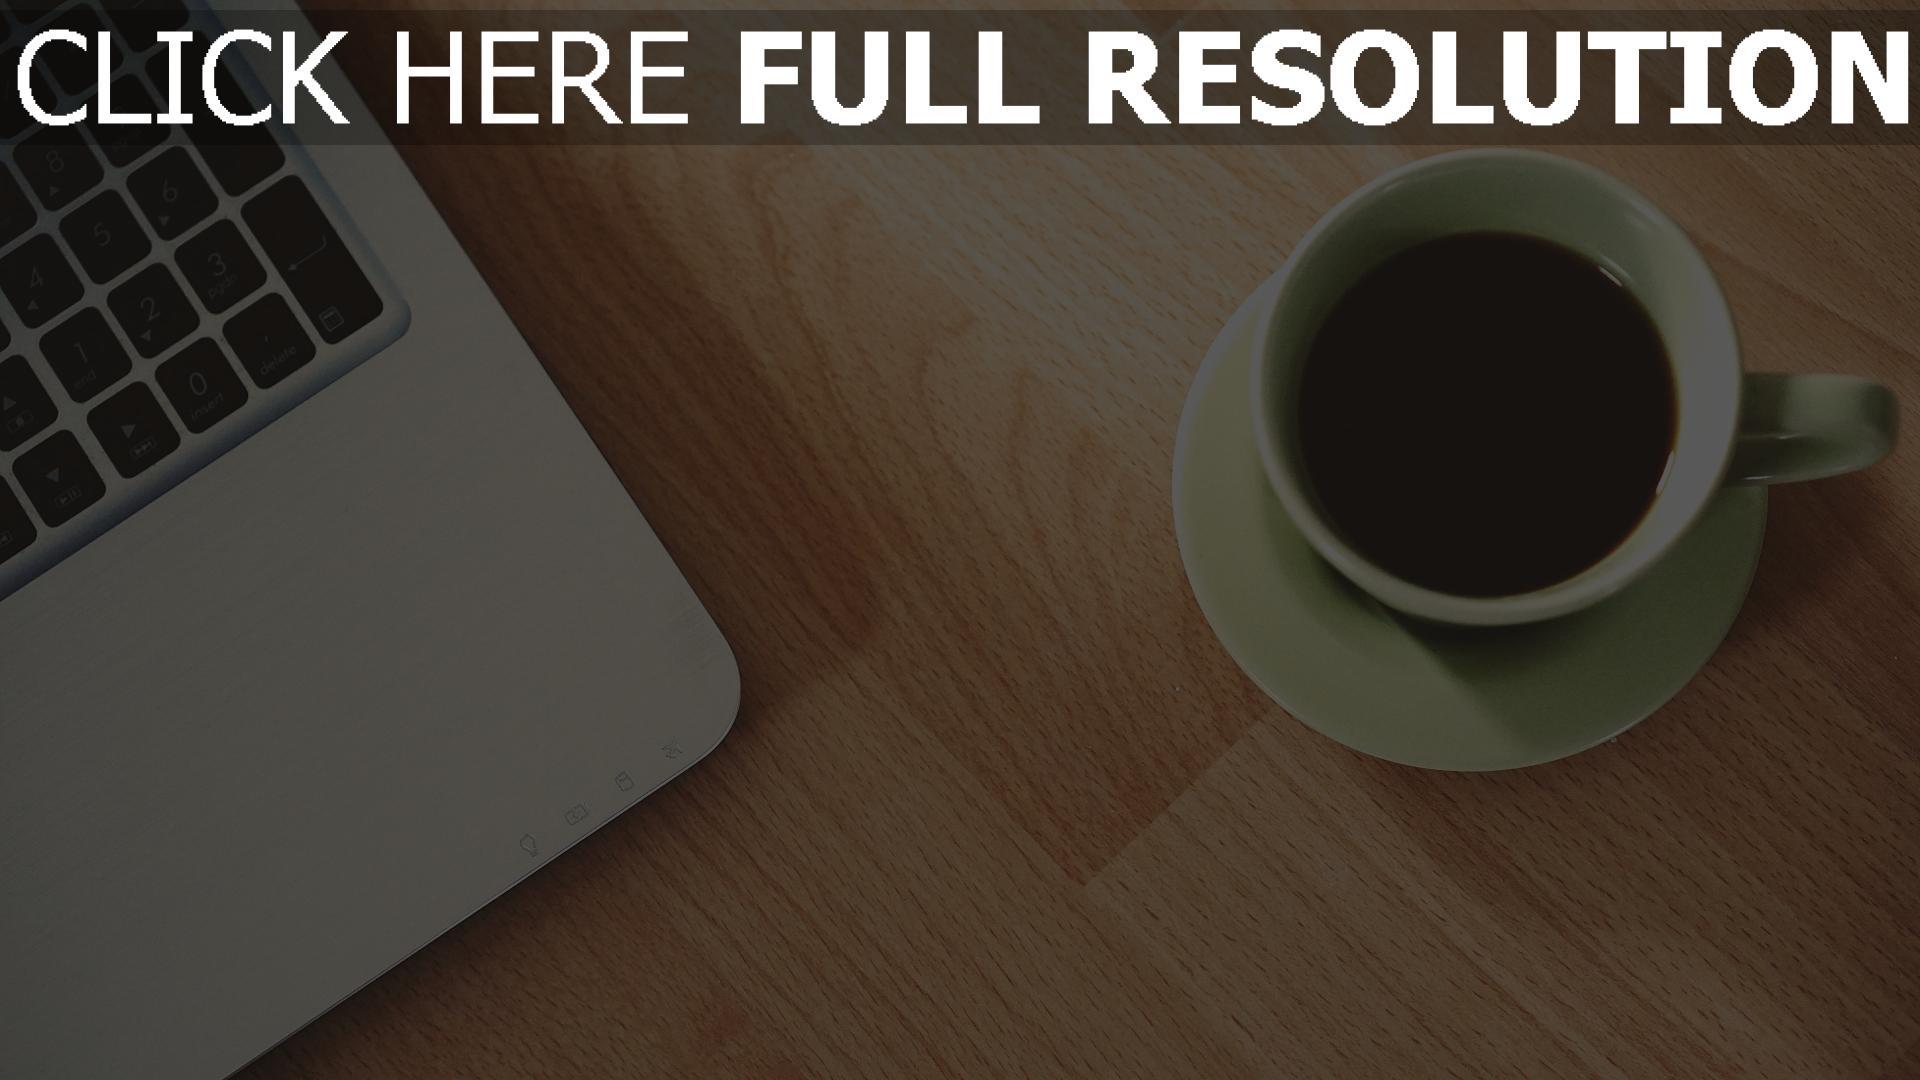 HD Hintergrundbilder tasse kaffee macbook apple, desktop hintergrund